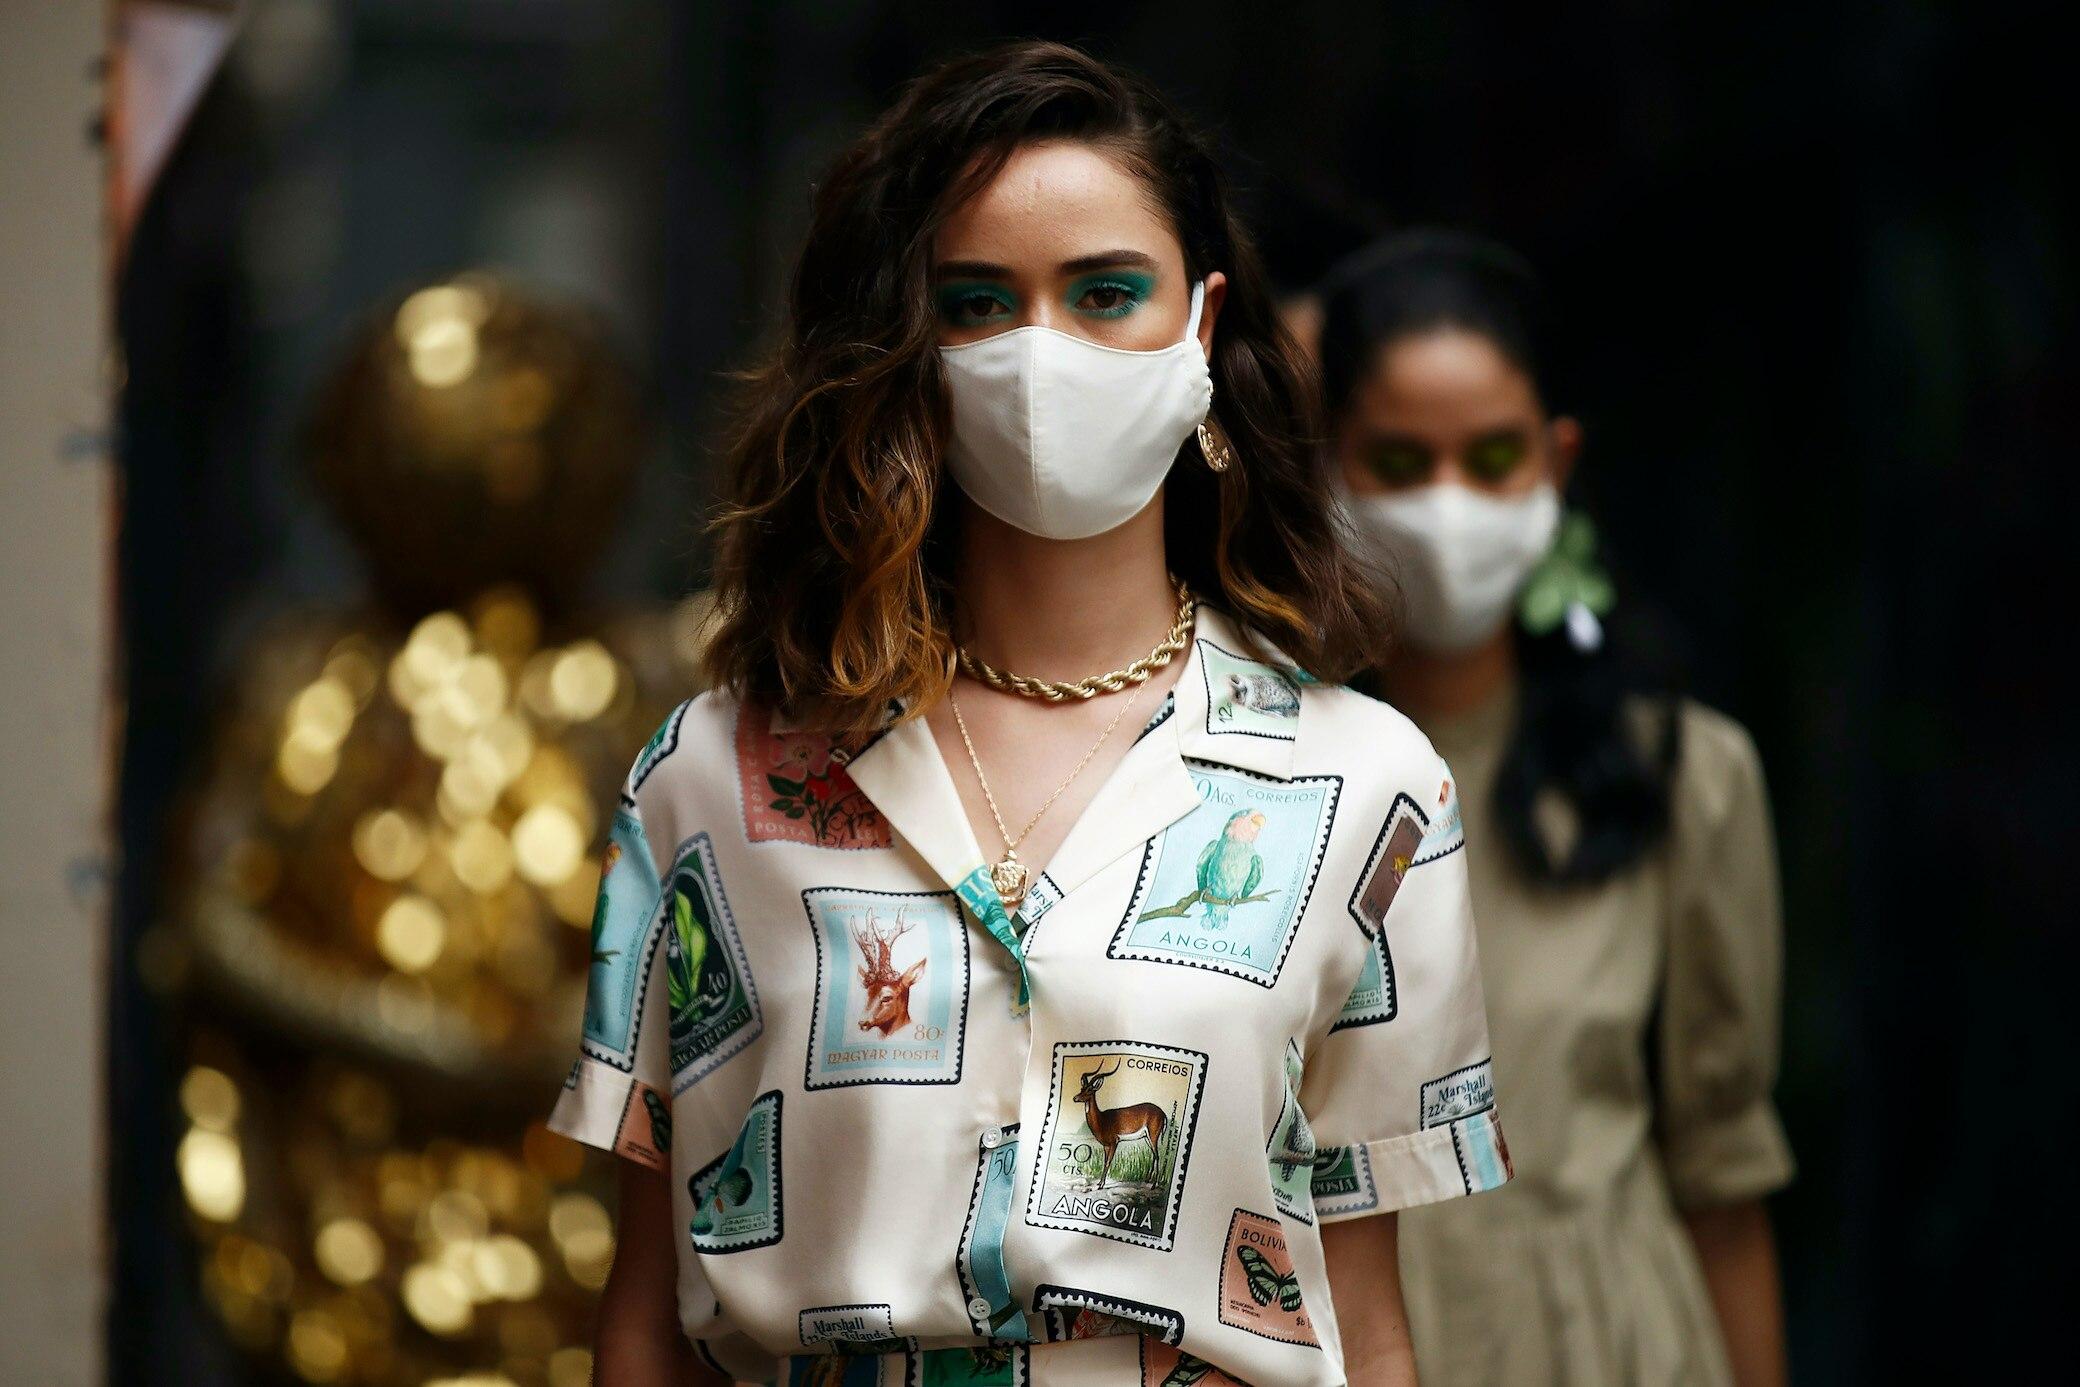 Wie werden wir uns anziehen, wenn die Corona-Pandemie vorbei ist?